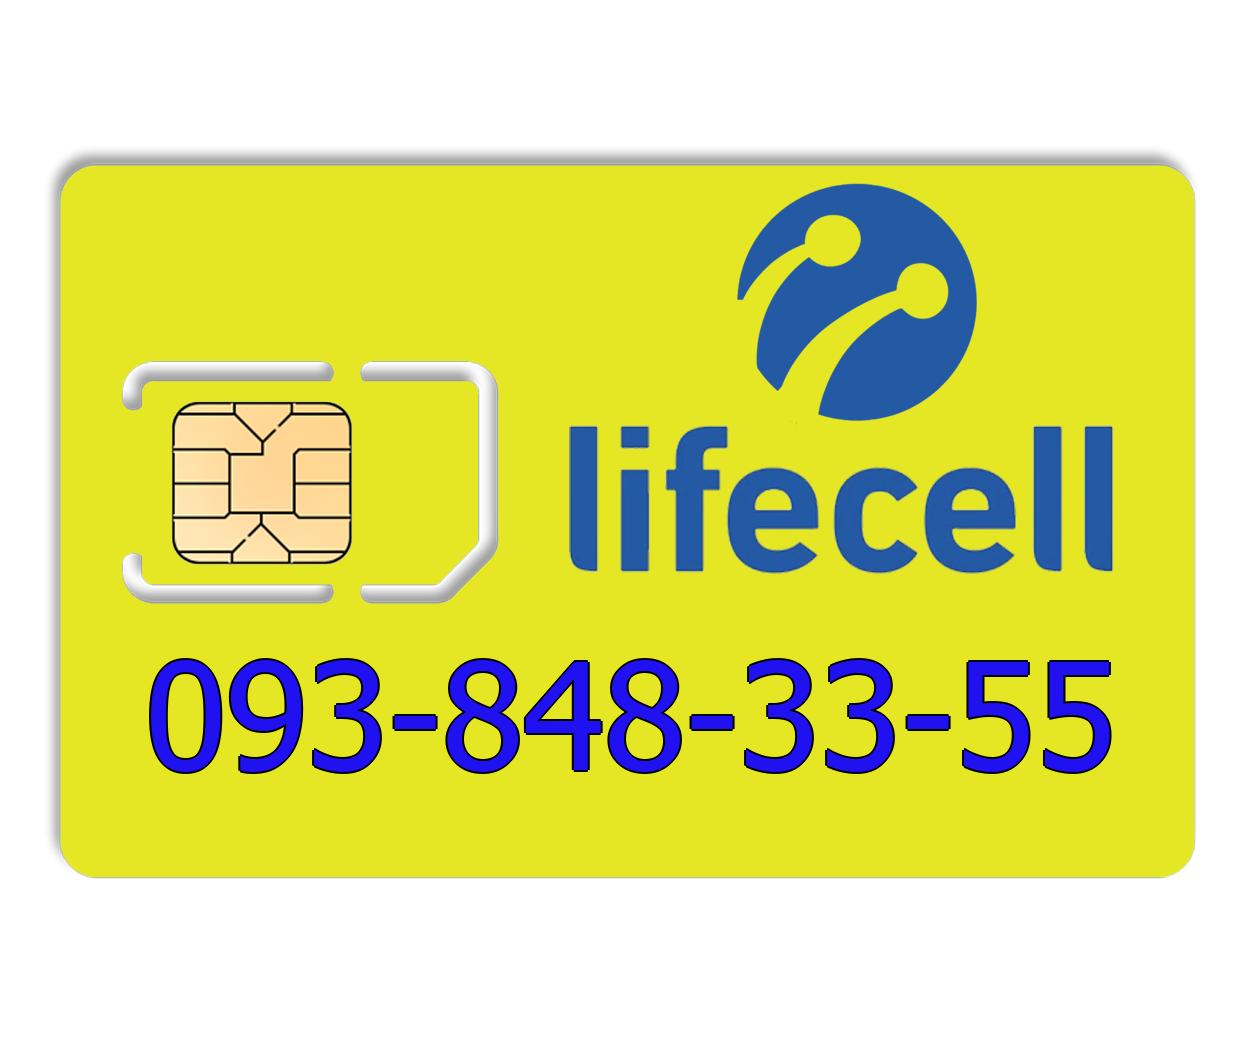 Красивый номер lifecell 093-848-33-55